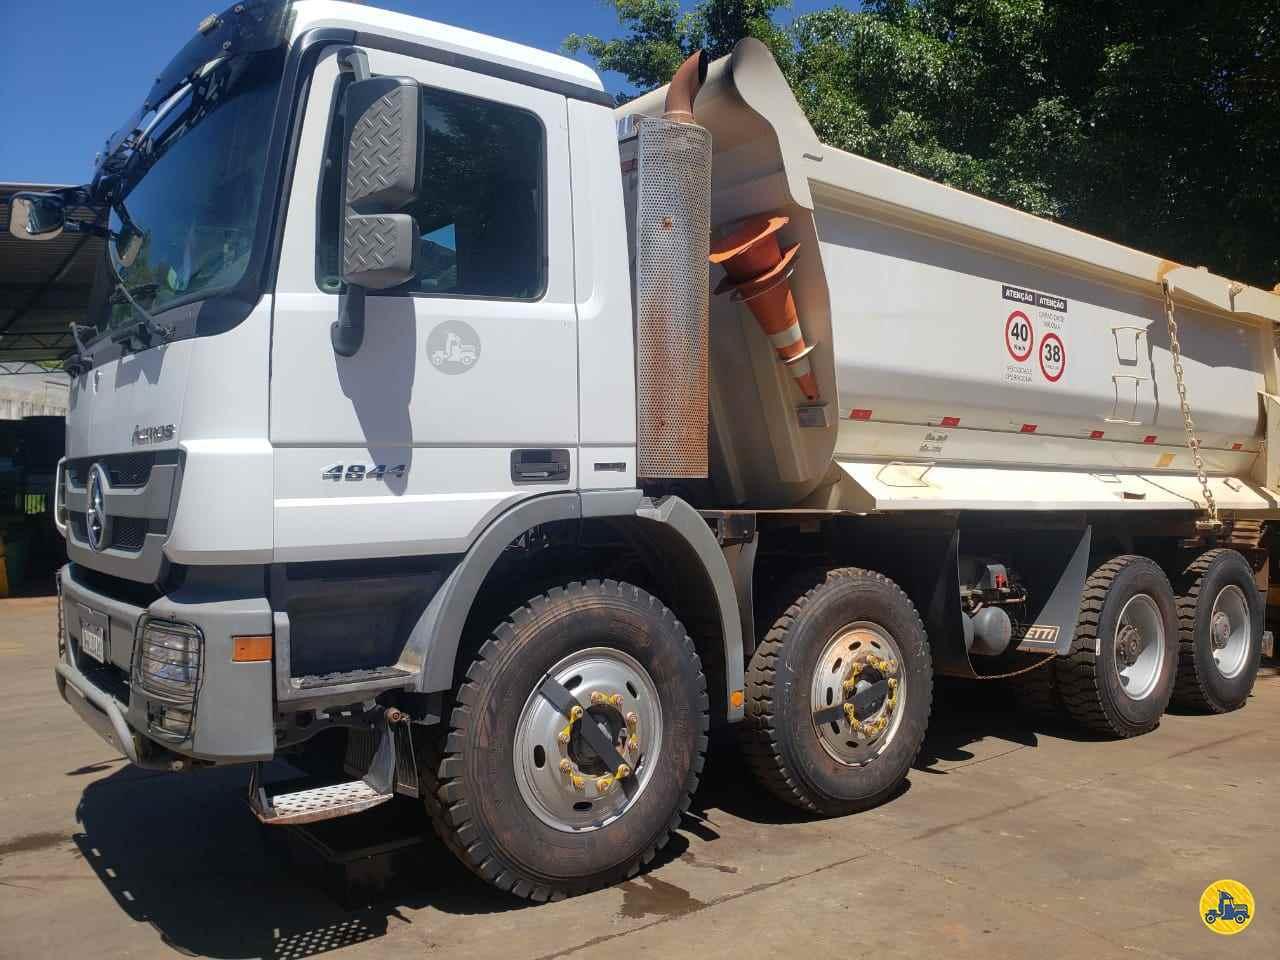 CAMINHAO MERCEDES-BENZ MB 4844 Caçamba Basculante BiTruck 8x4 Wilson Caminhões RIBEIRAO PIRES SÃO PAULO SP